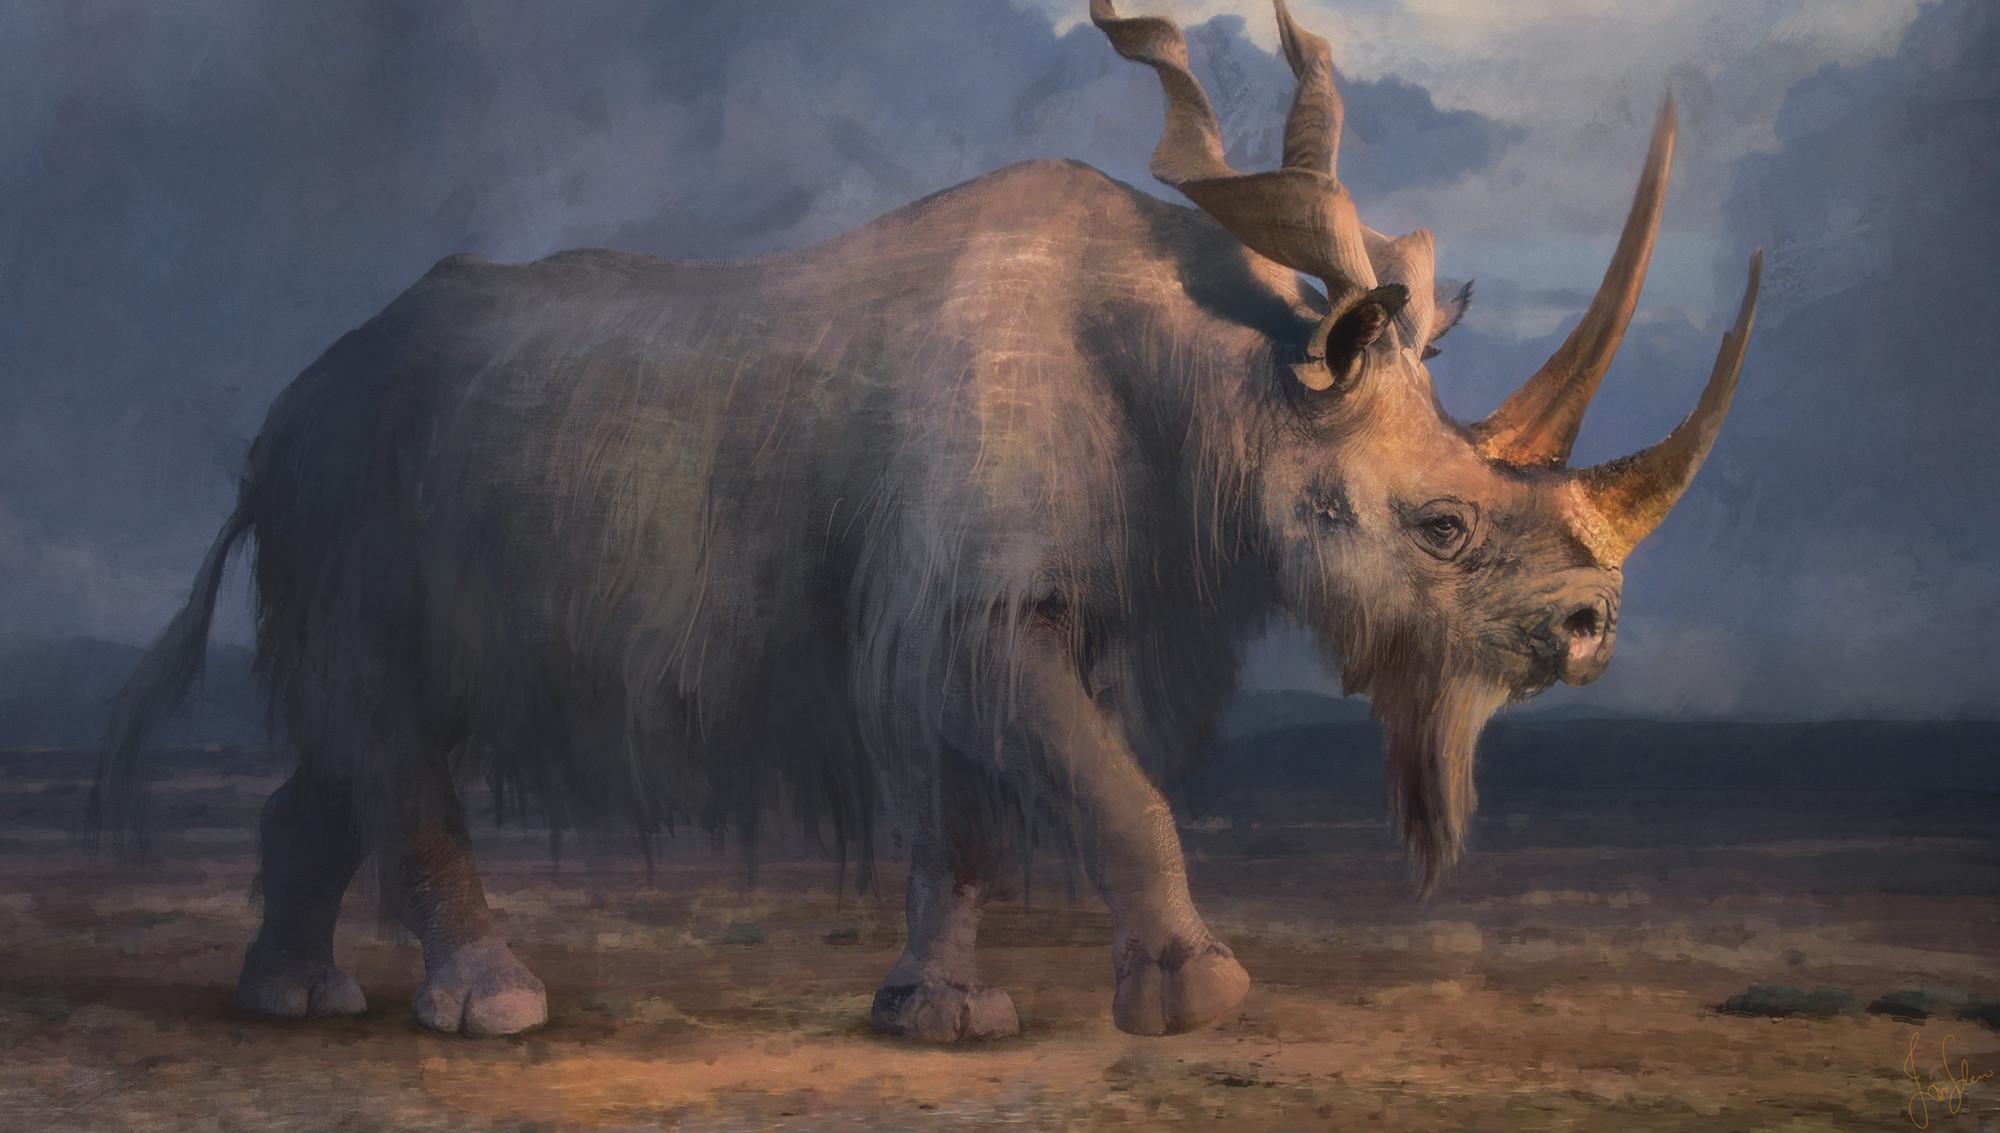 Rhino-Goat